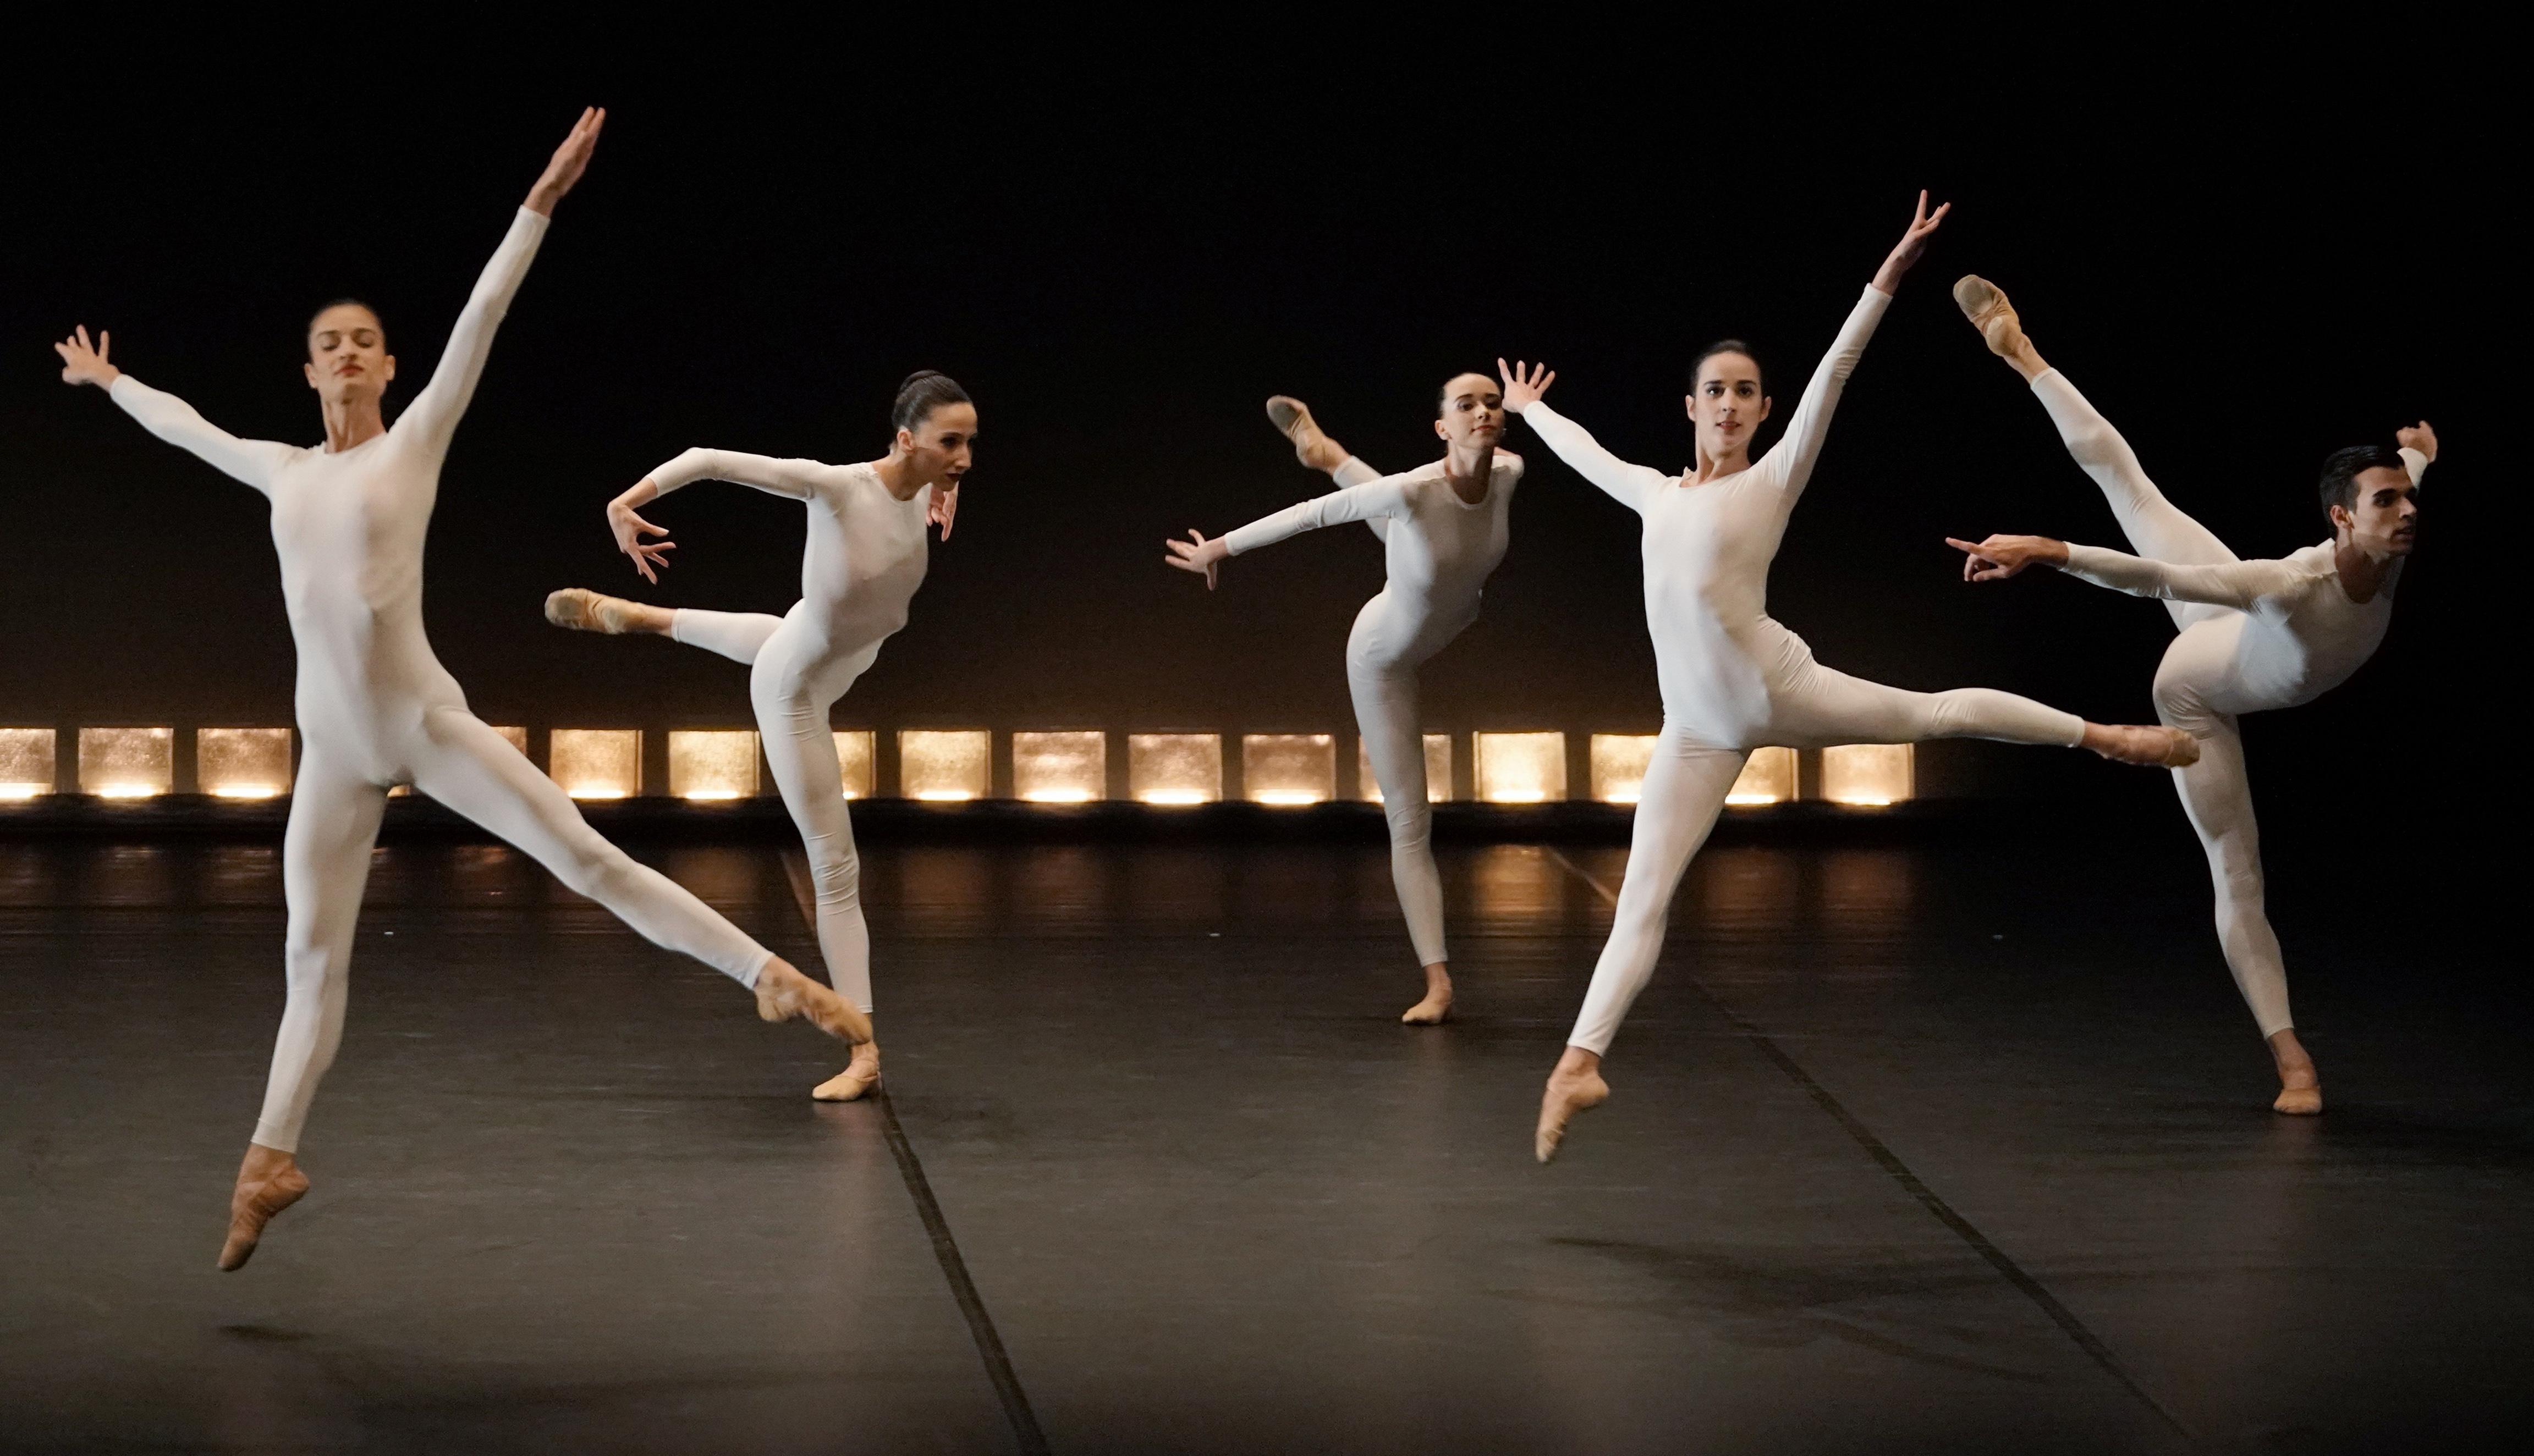 葡萄牙国家芭蕾舞团《十五名舞者与不断变化的节奏》在京